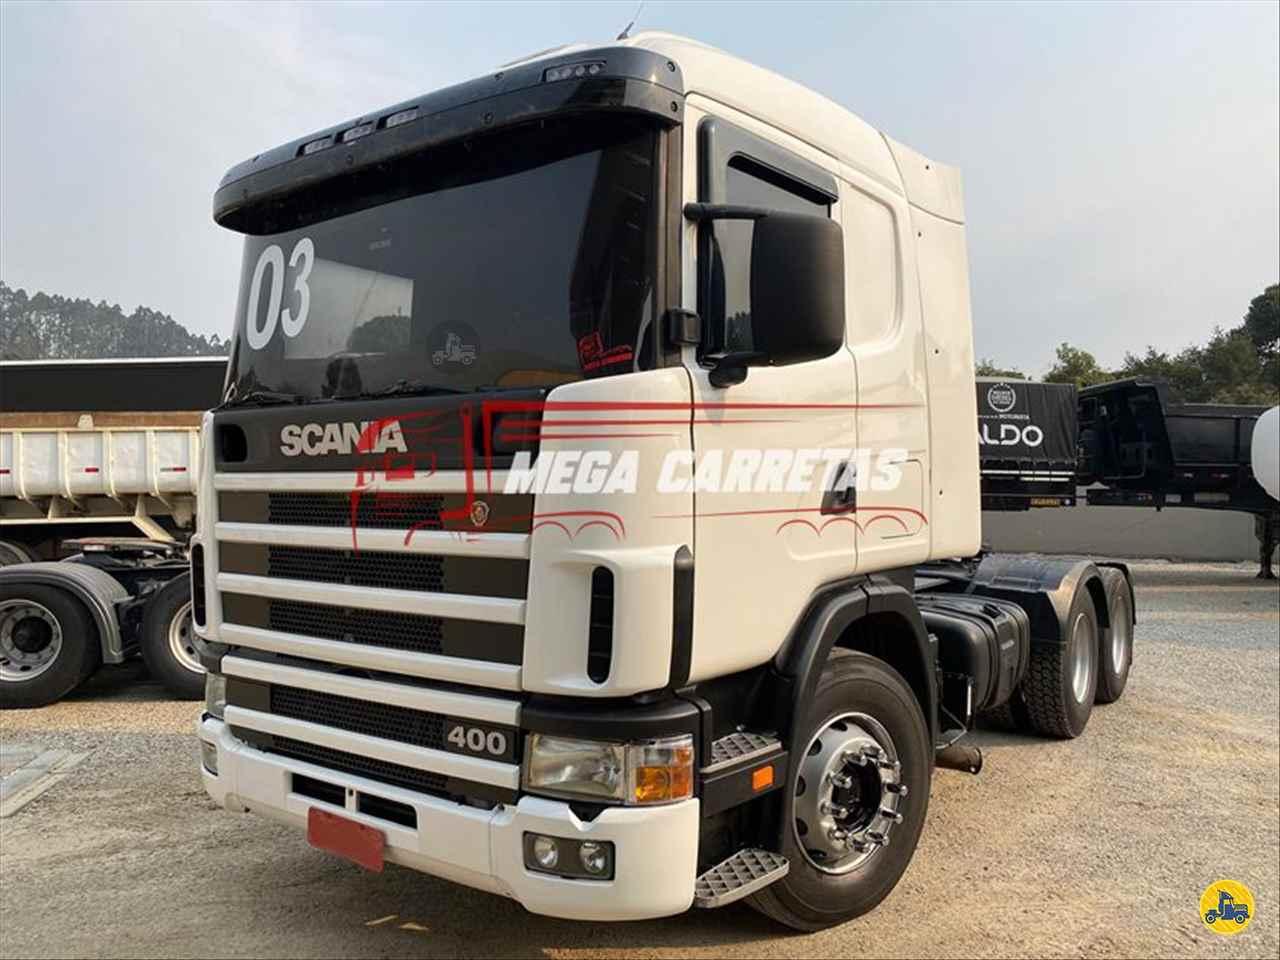 CAMINHAO SCANIA SCANIA 400 Cavalo Mecânico Truck 6x2 Mega Carretas COLOMBO PARANÁ PR